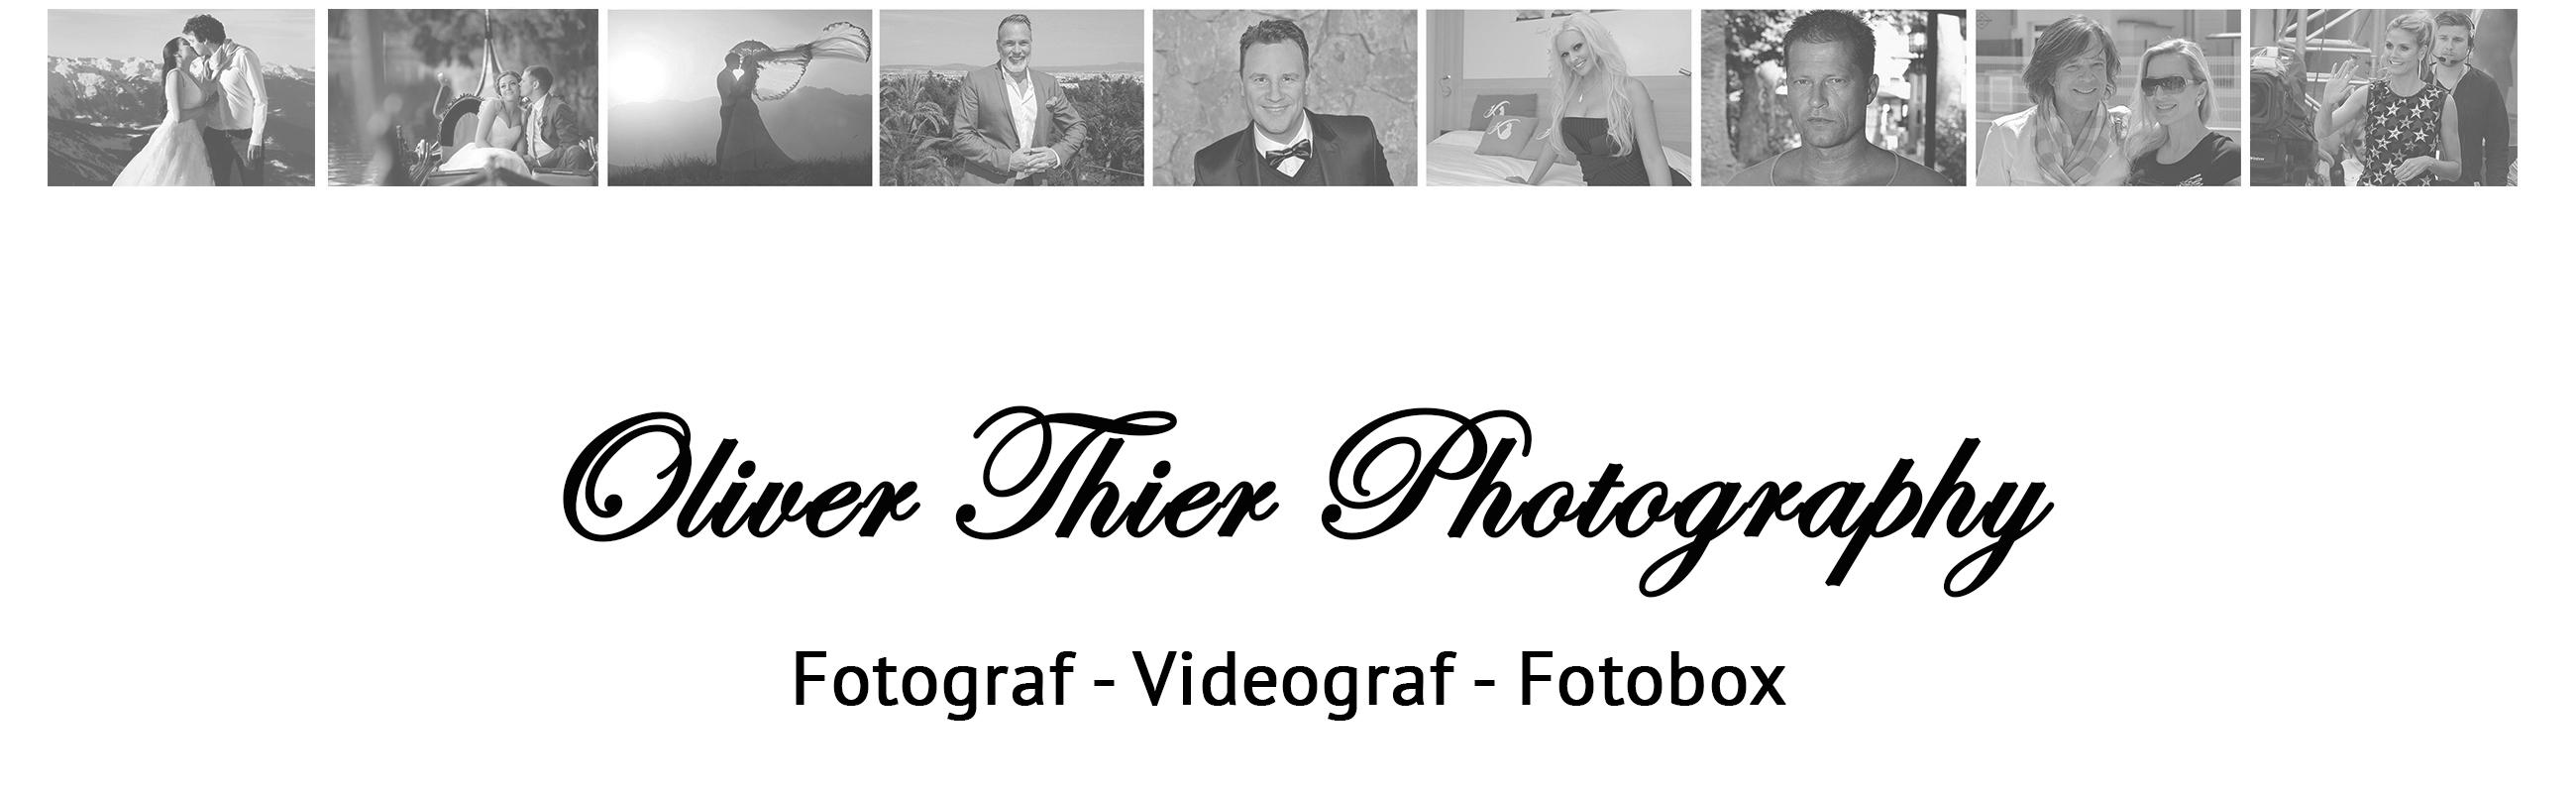 FOTOGRAF - HOCHZEITSFOTOGRAF ROSENHEIM PRIEN CHIEMSEE CHIEMGAU SALZBURG MÜNCHEN